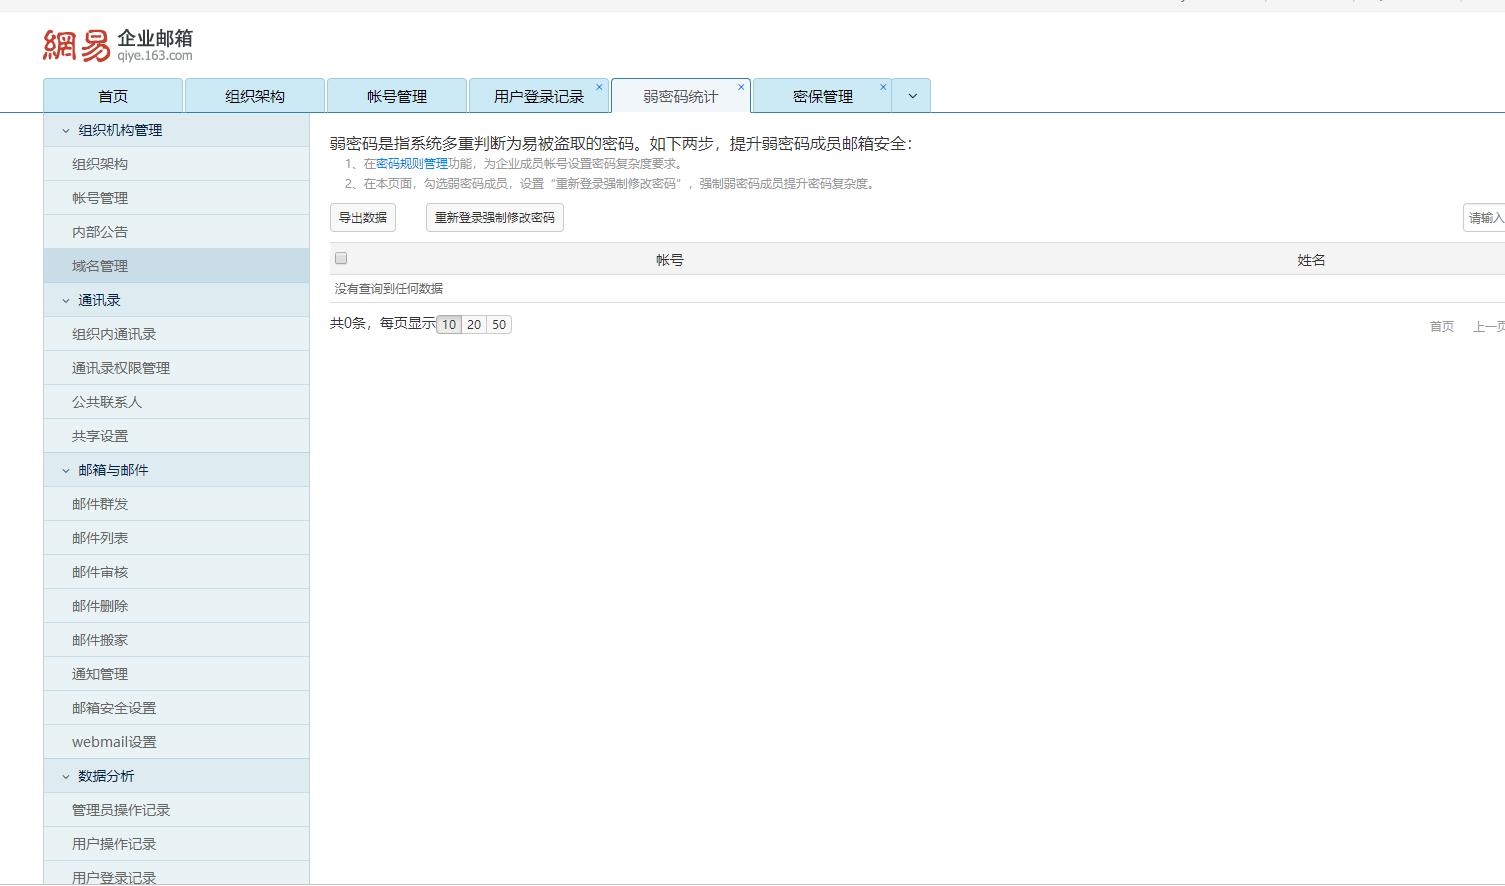 网易企业邮箱弱密码管理.png